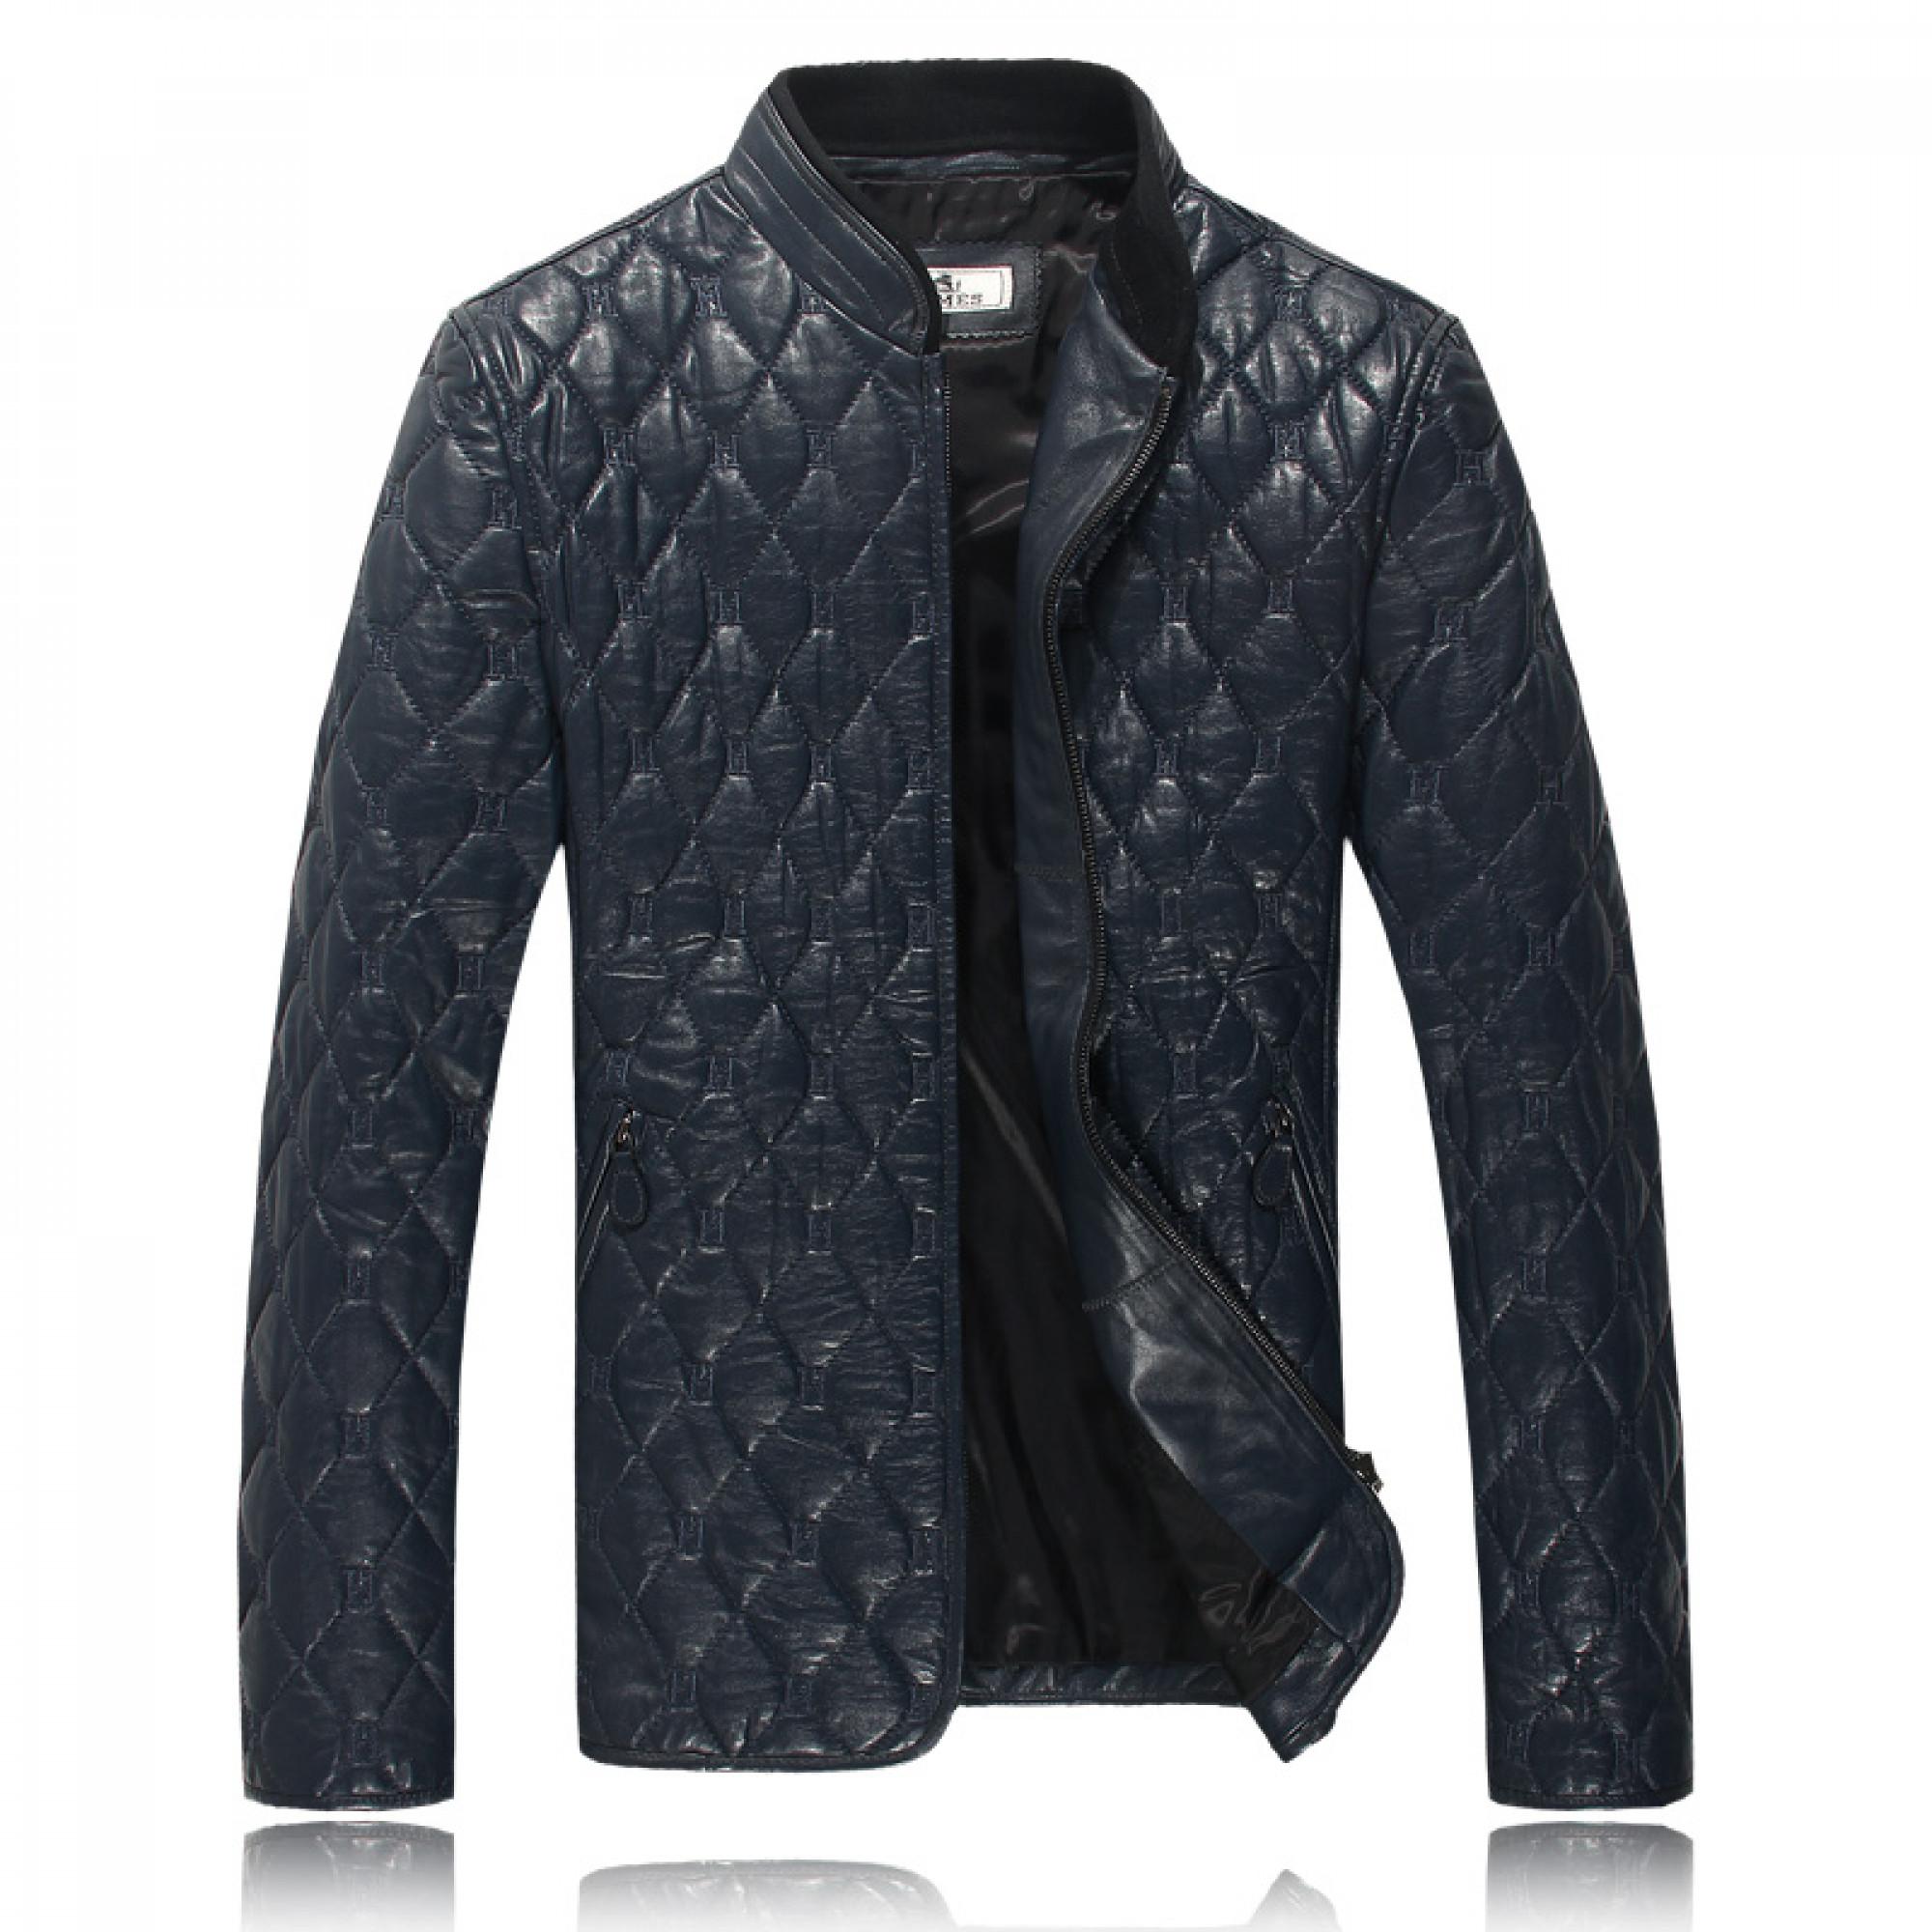 Купить стильная куртка HERMES — в Киеве, код товара 2103 126148ad433